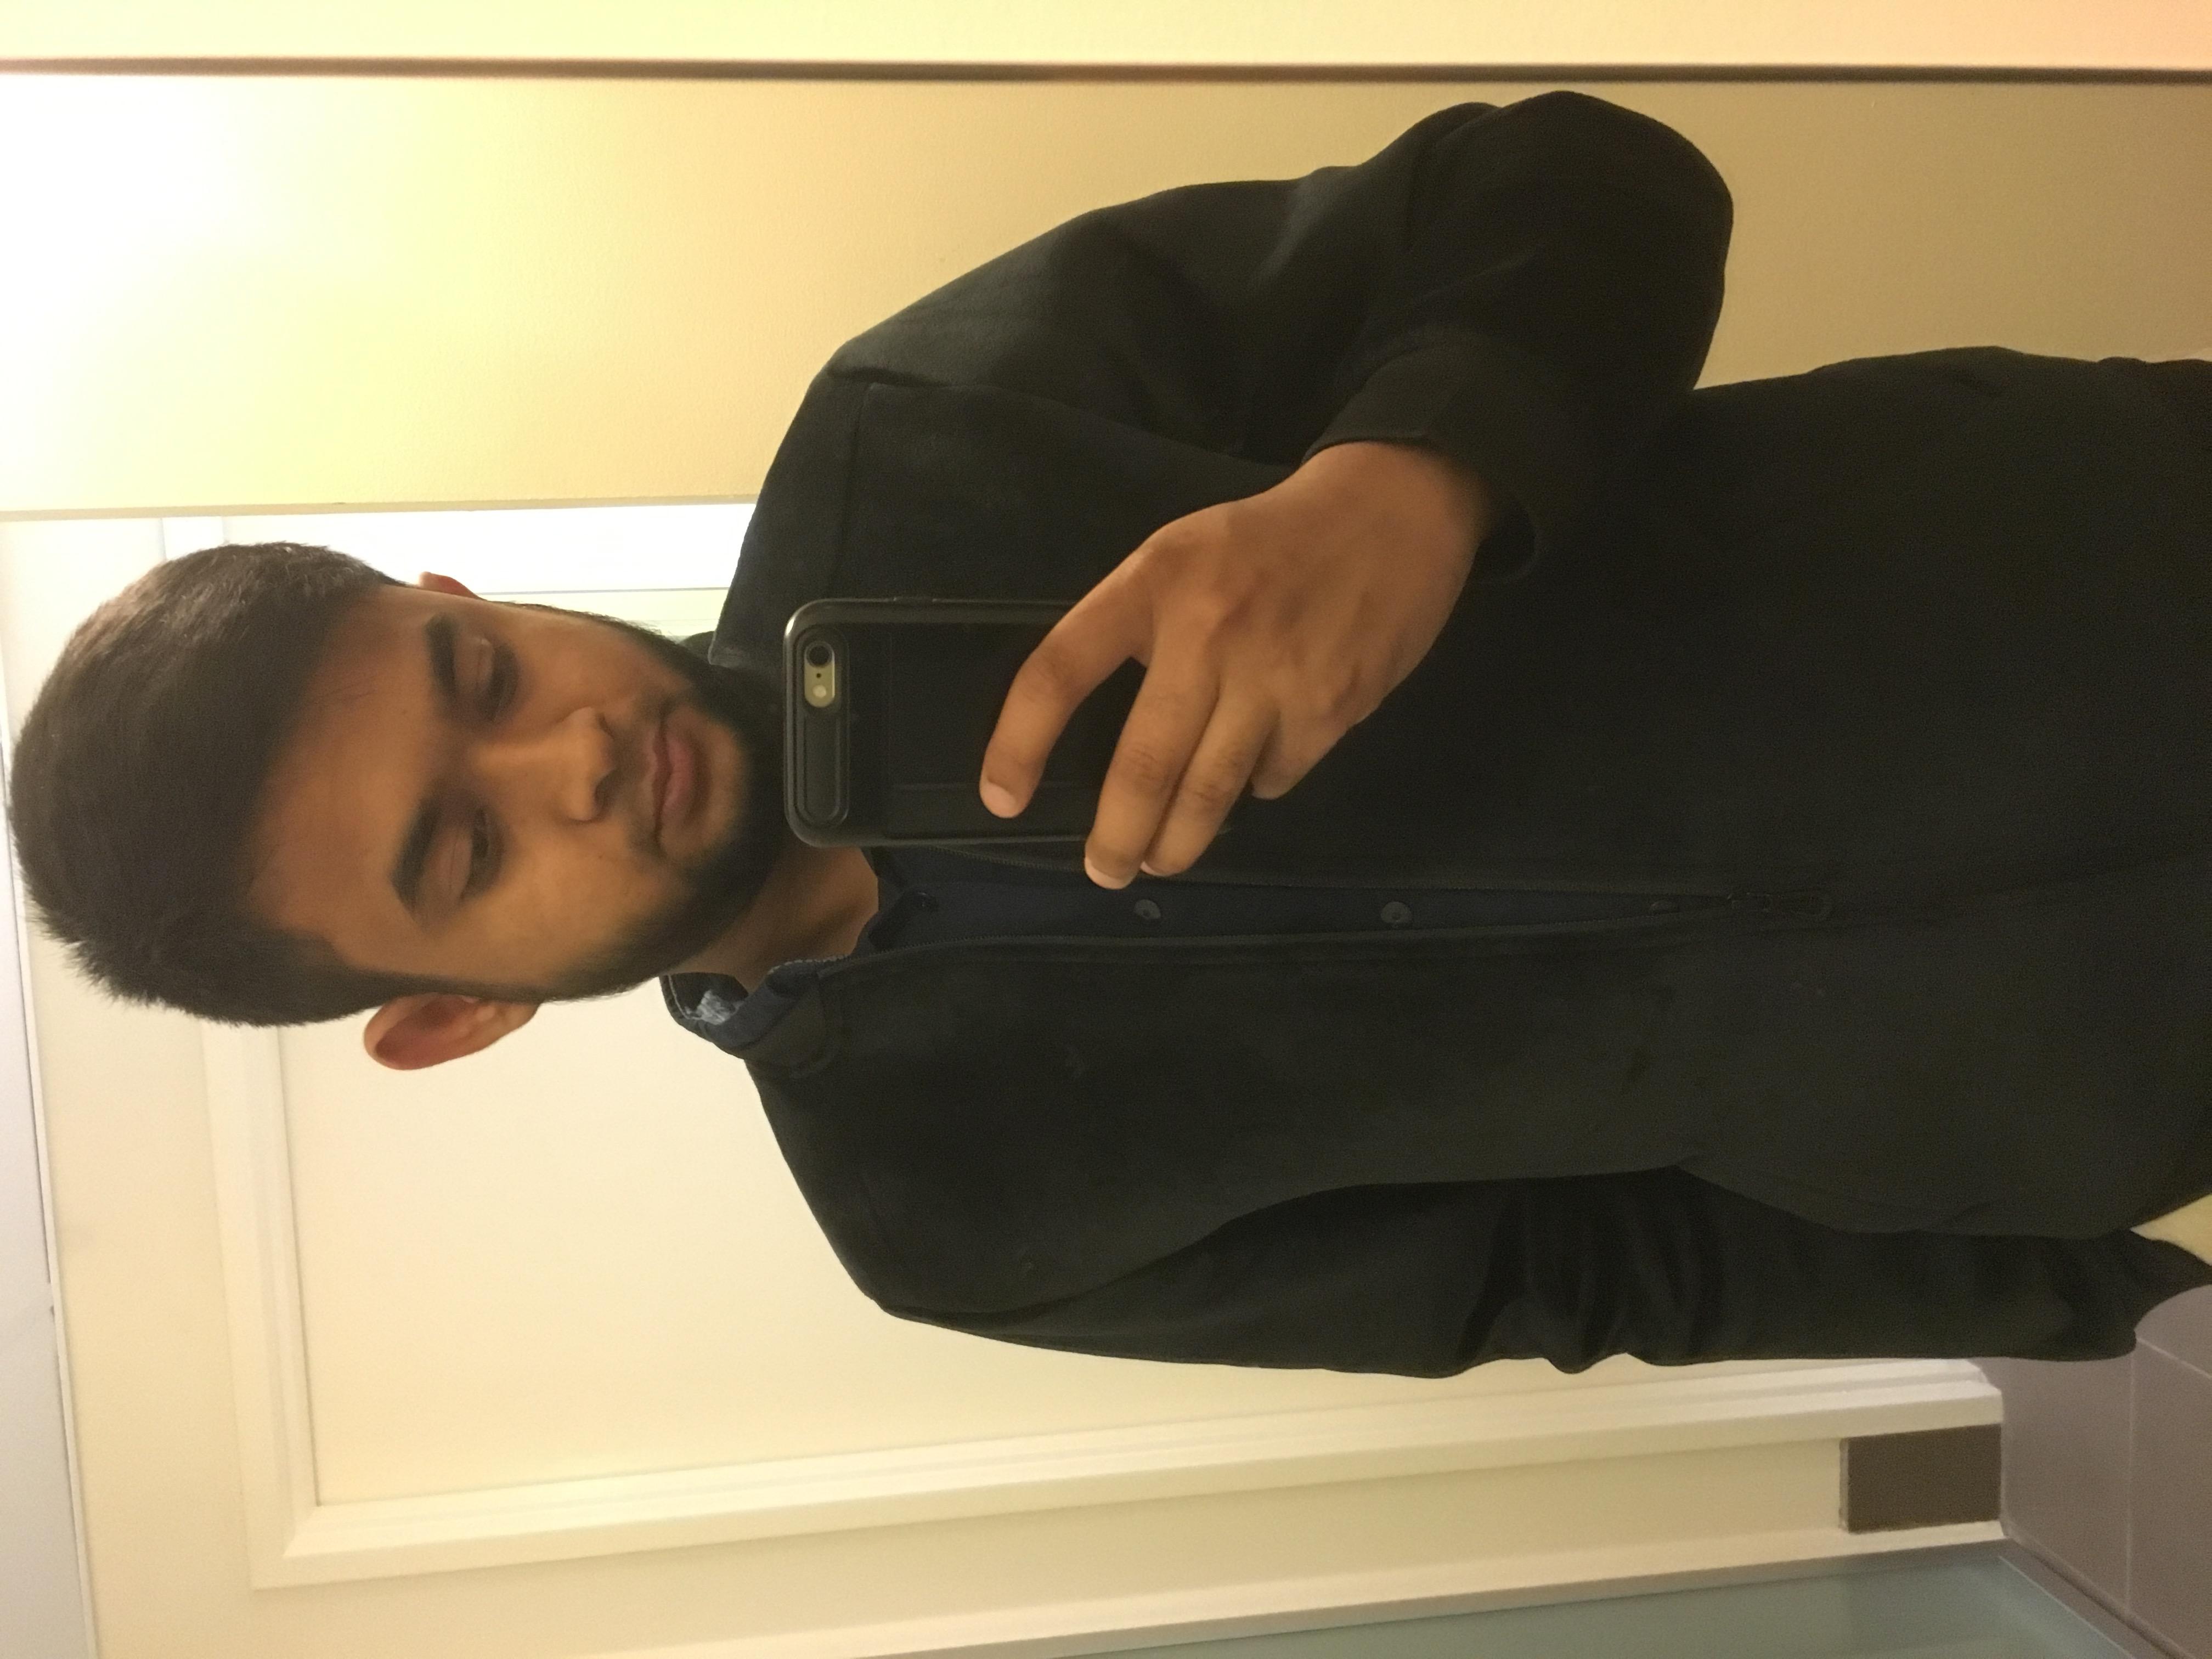 Asad's profile picture